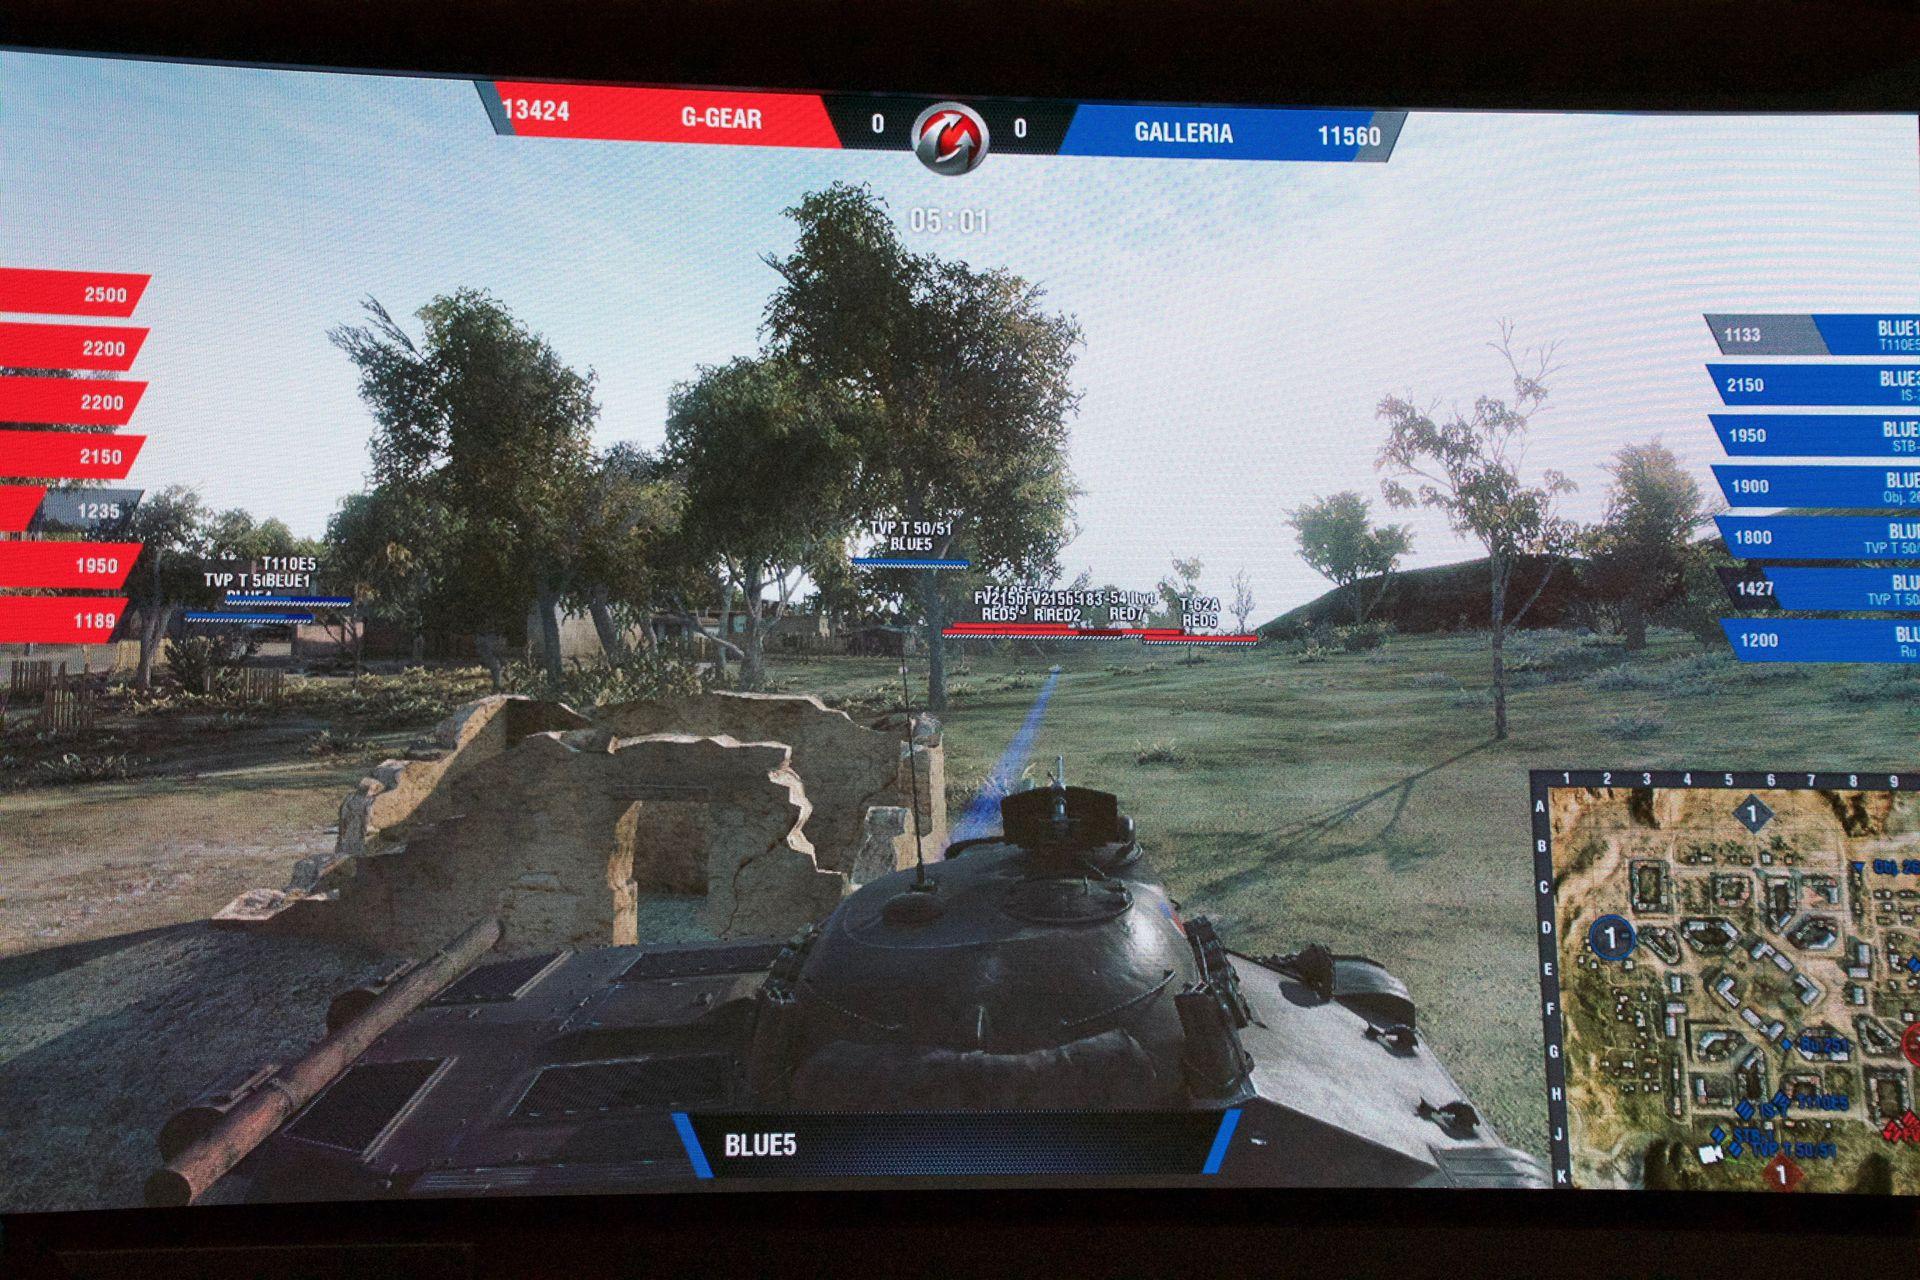 GALLERIAチームの突破口を開いたのがTVP T 50/51というチェコのTier 10戦車。4連射できる砲を華麗に当てていた